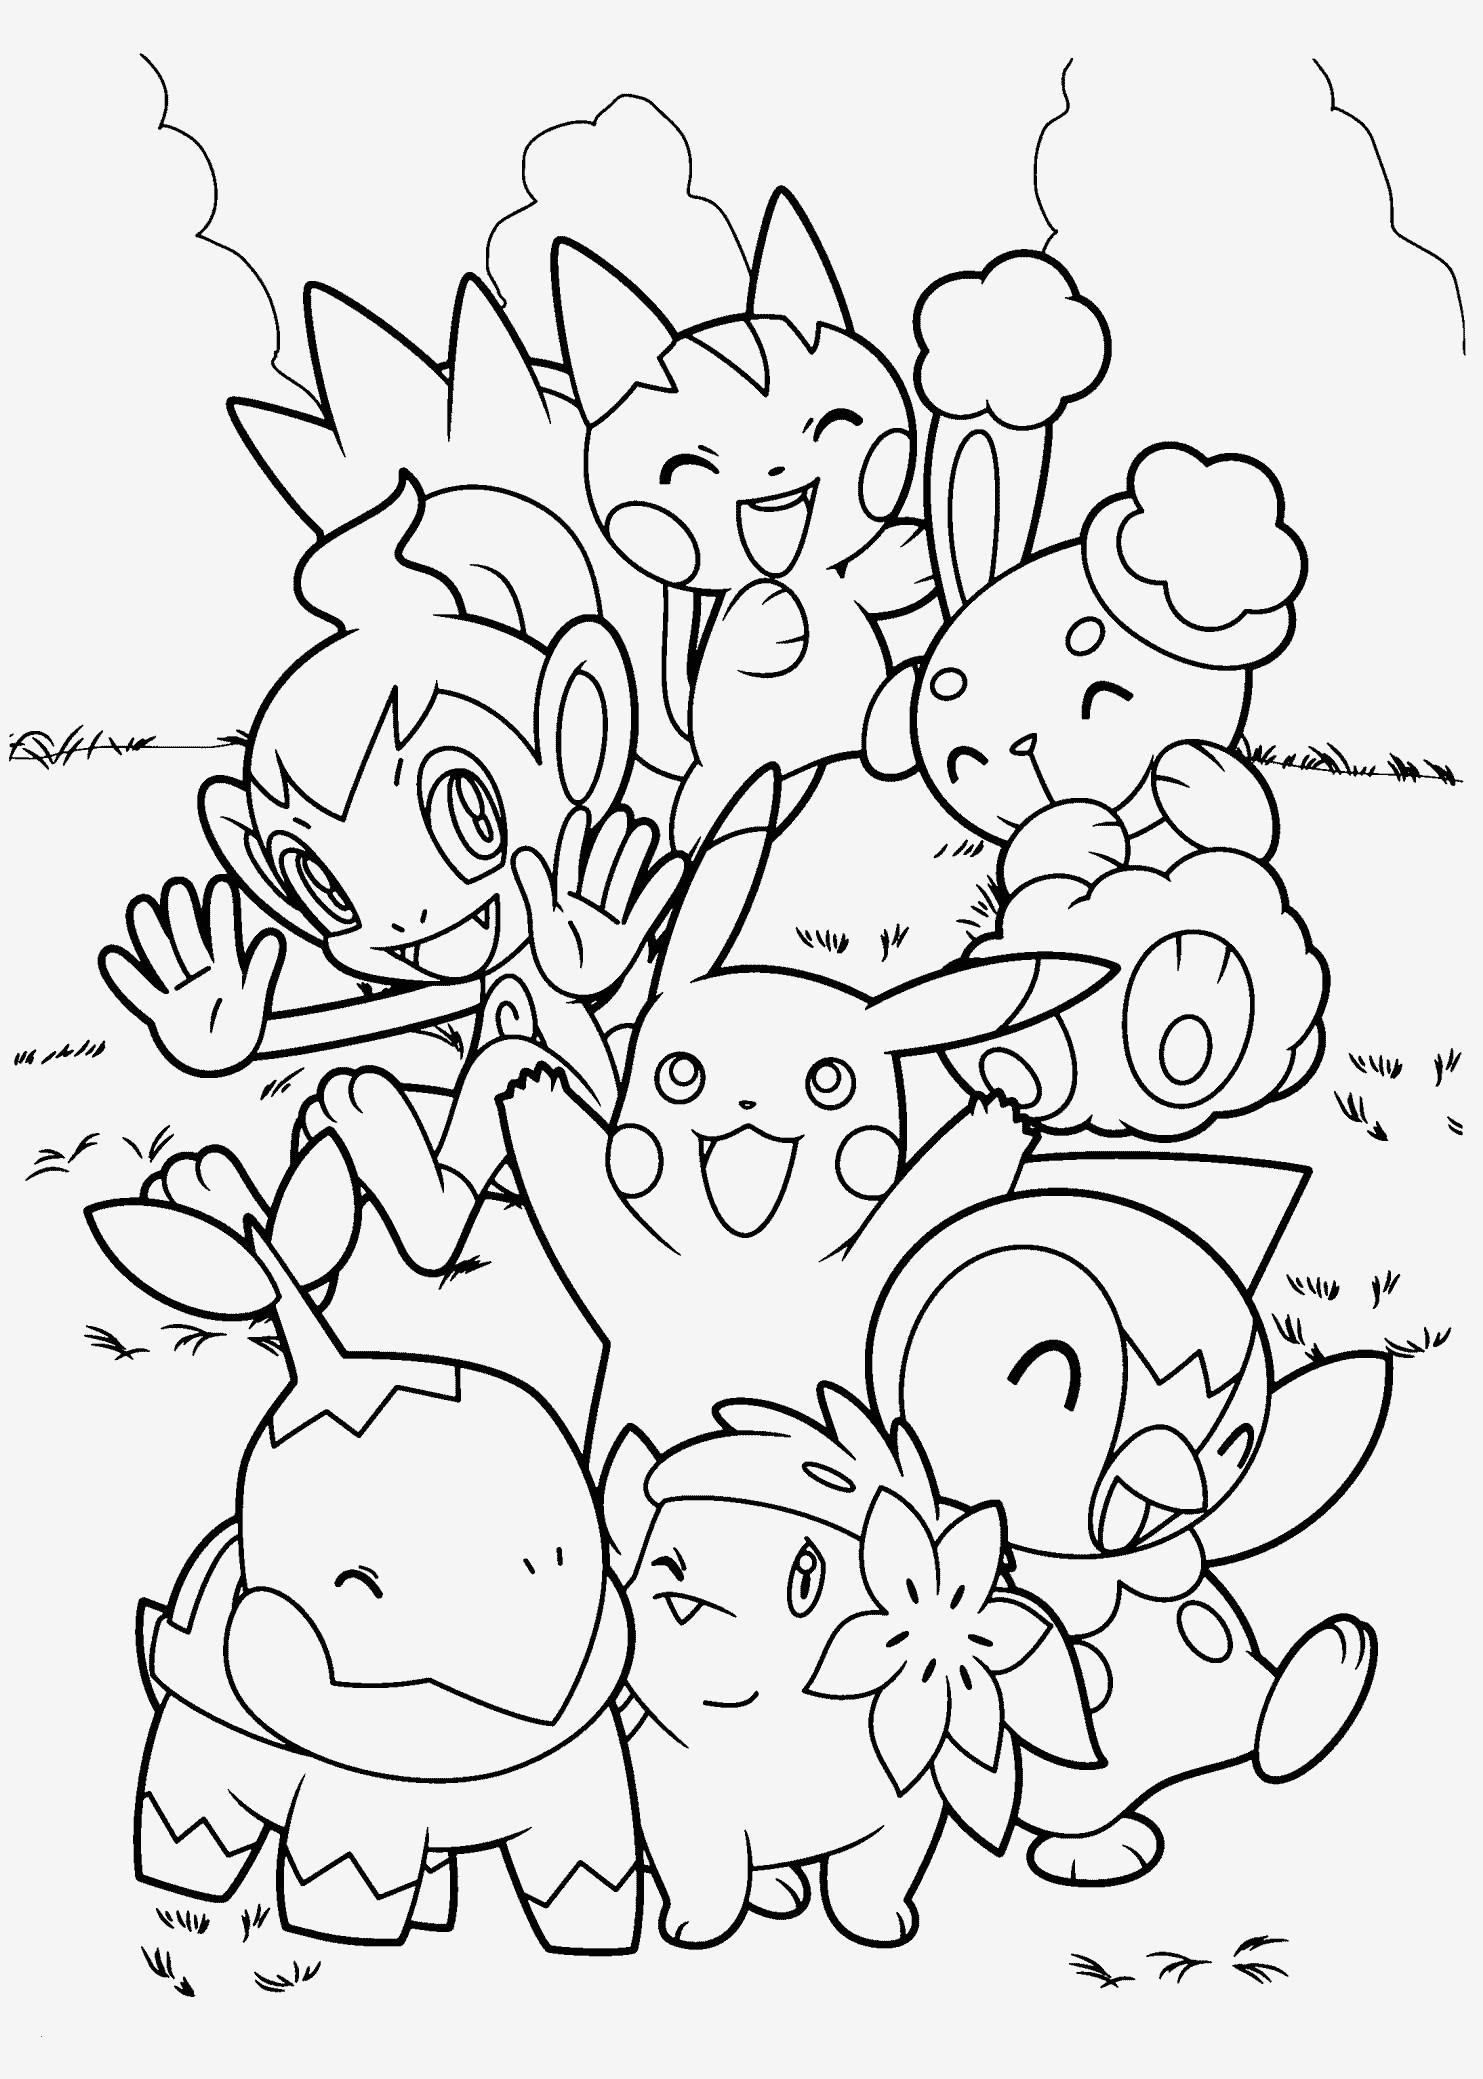 Pokemon Ausmalbilder sonne Und Mond Frisch Pokemon Farbe Wunderbar 37 Ausmalbilder Pokemon Scoredatscore Galerie